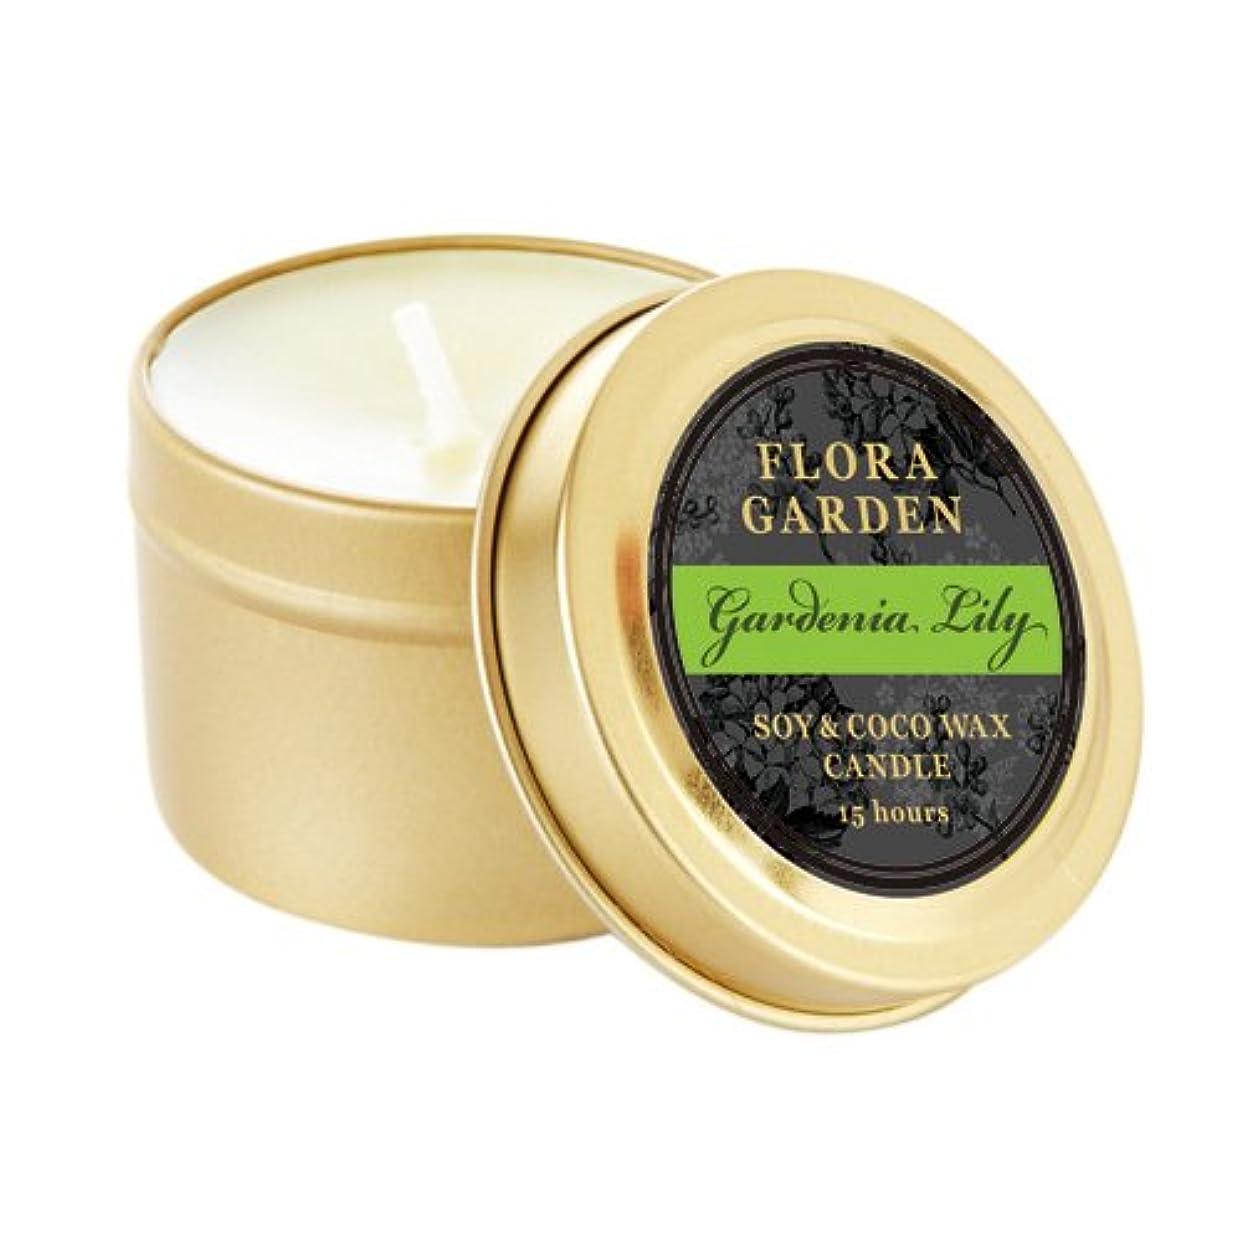 減少実質的に艦隊FLORA GARDEN フローラガーデン トラベル缶キャンドル ガーデニアリリー Gardenia Lily Travel Can Candle